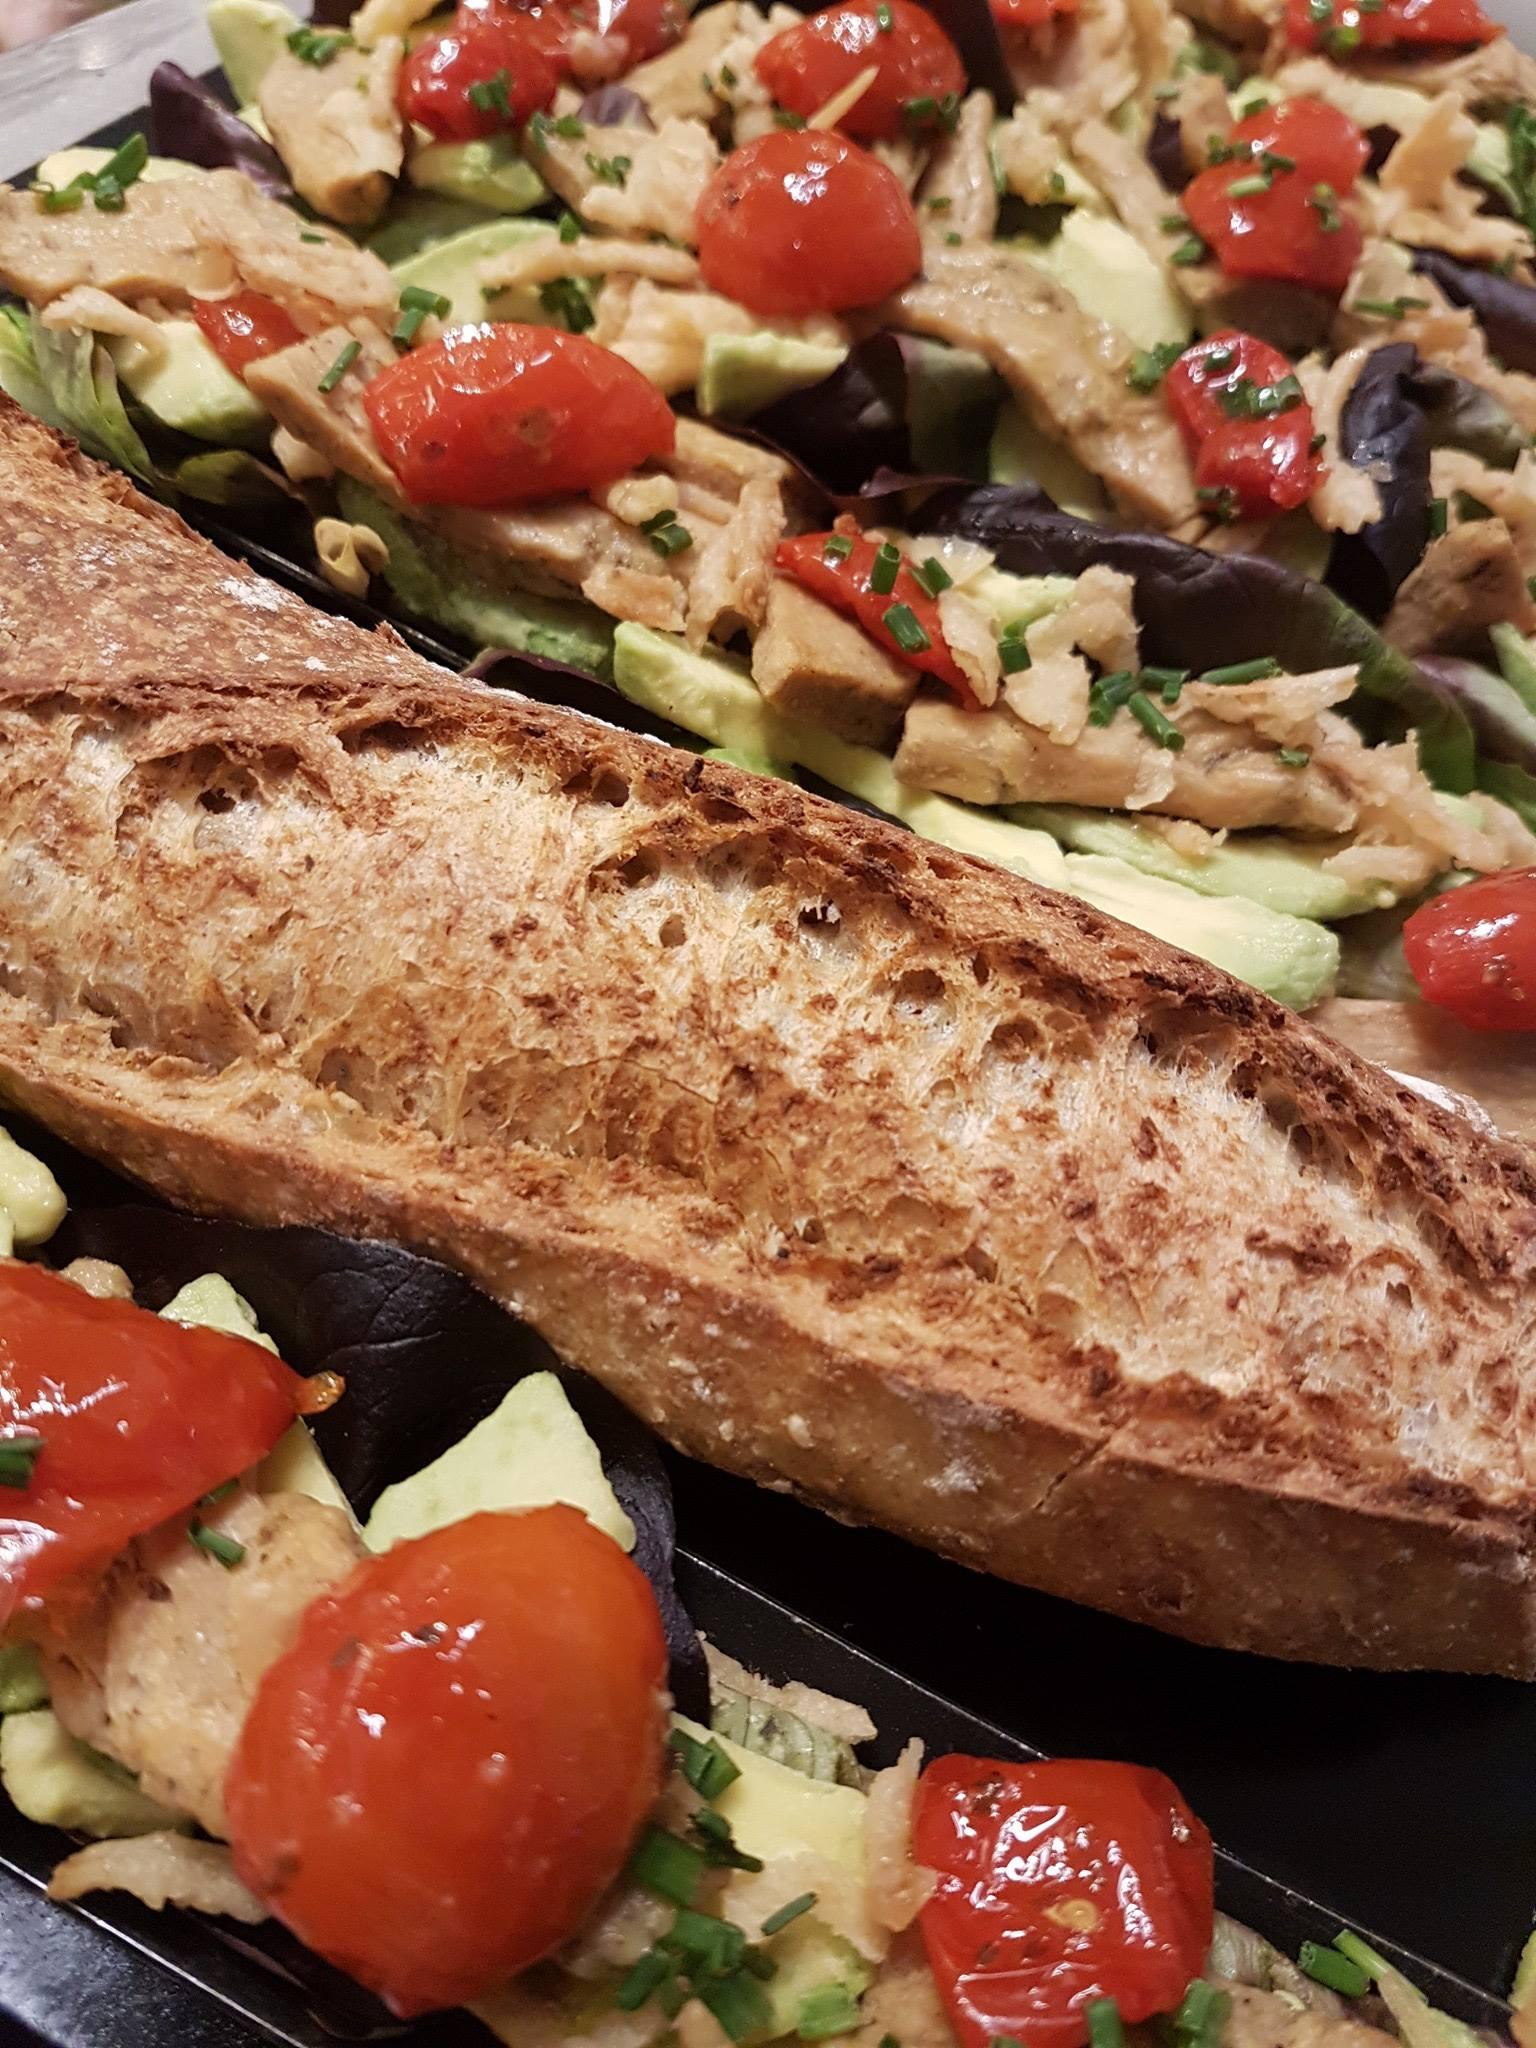 Nouveau sandwich : le vegan